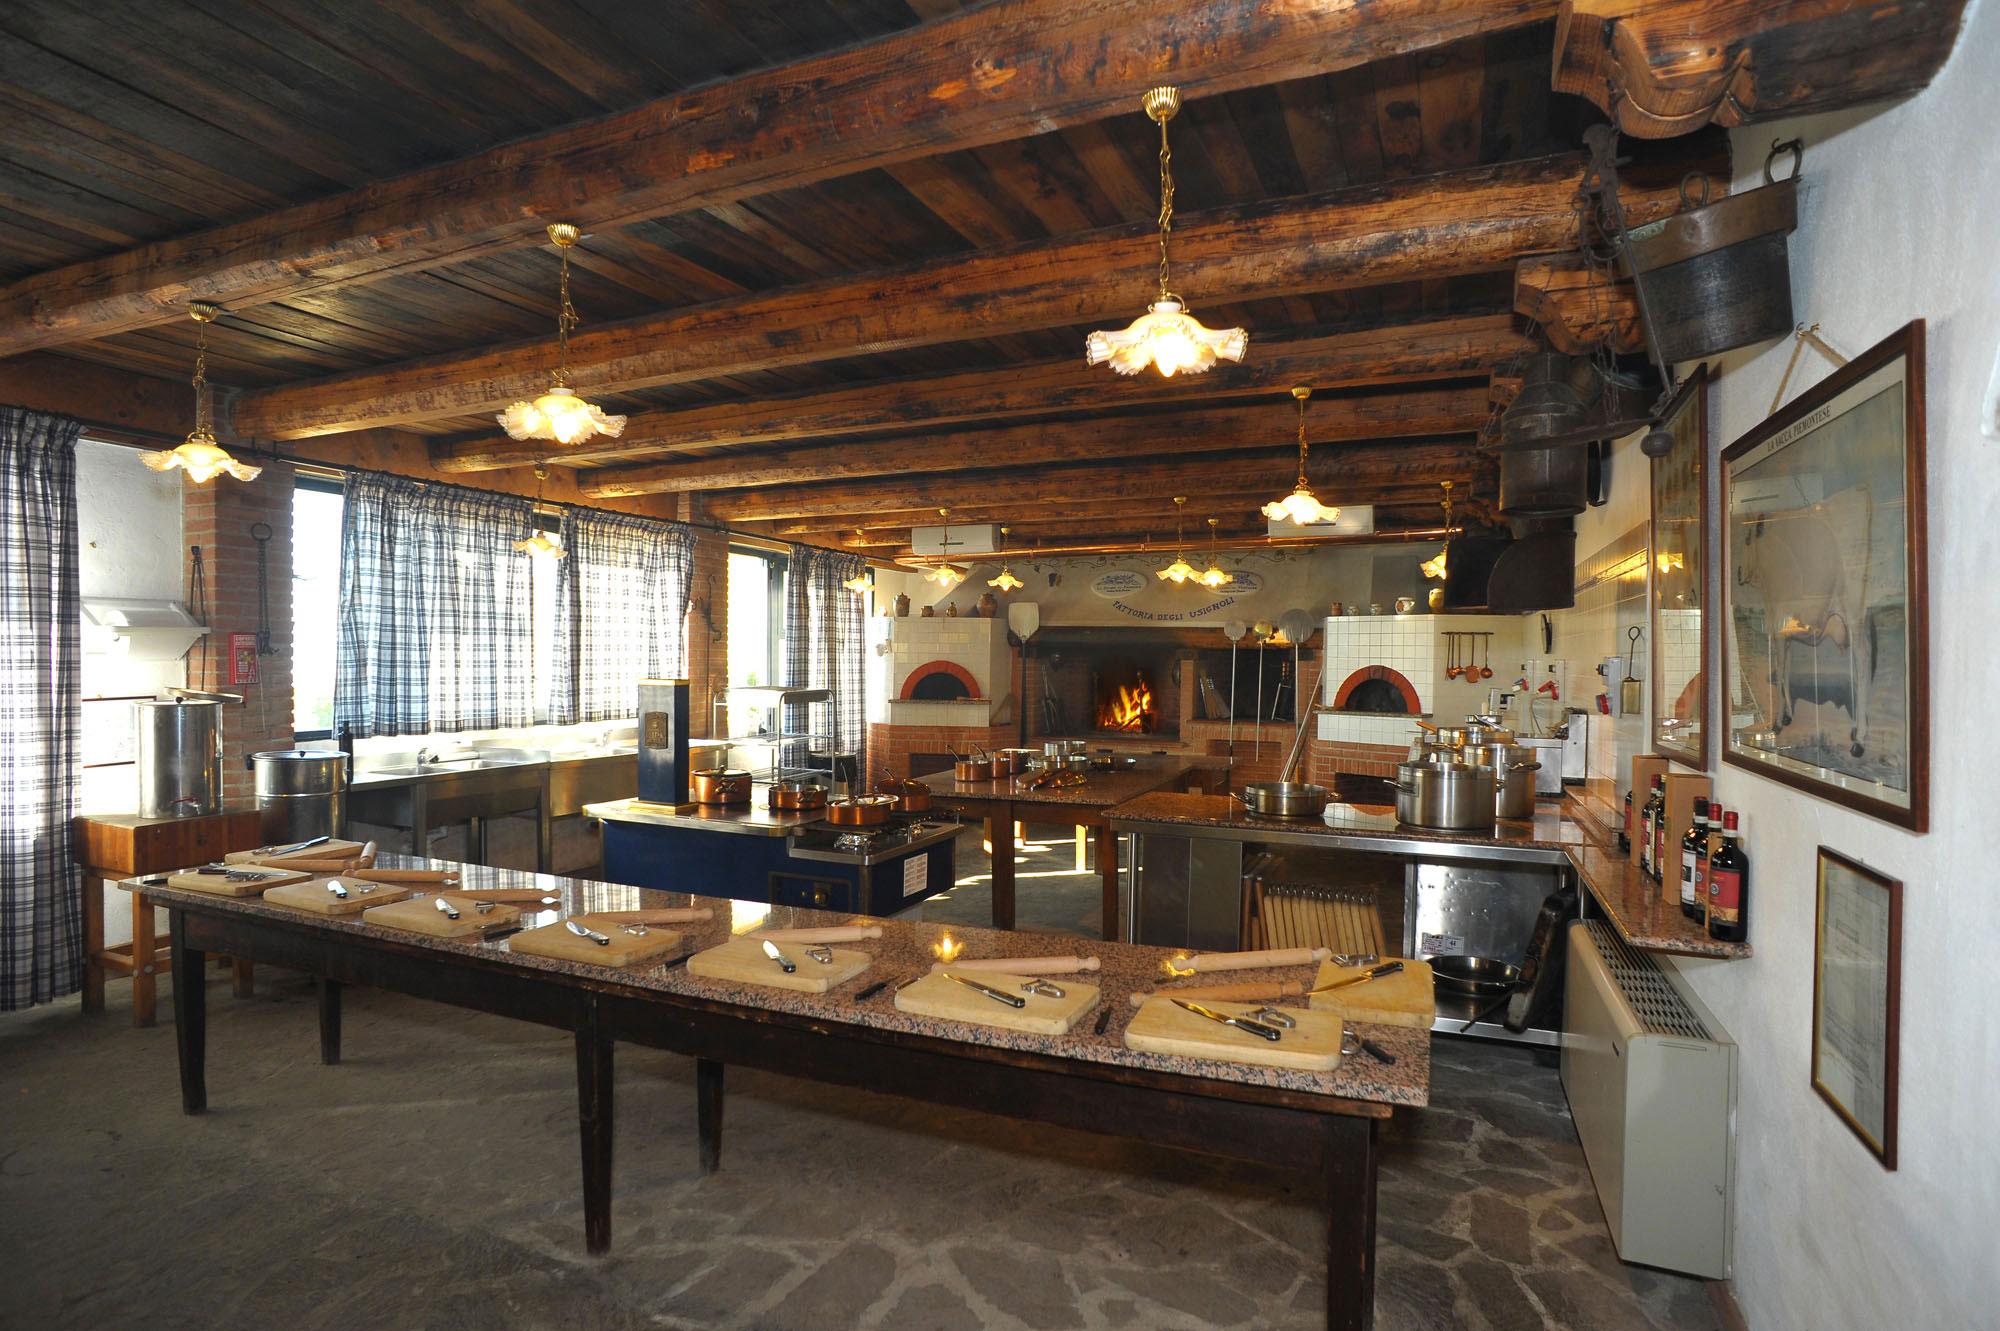 Scuola di Cucina • Fattoria degli Usignoli • Toscana